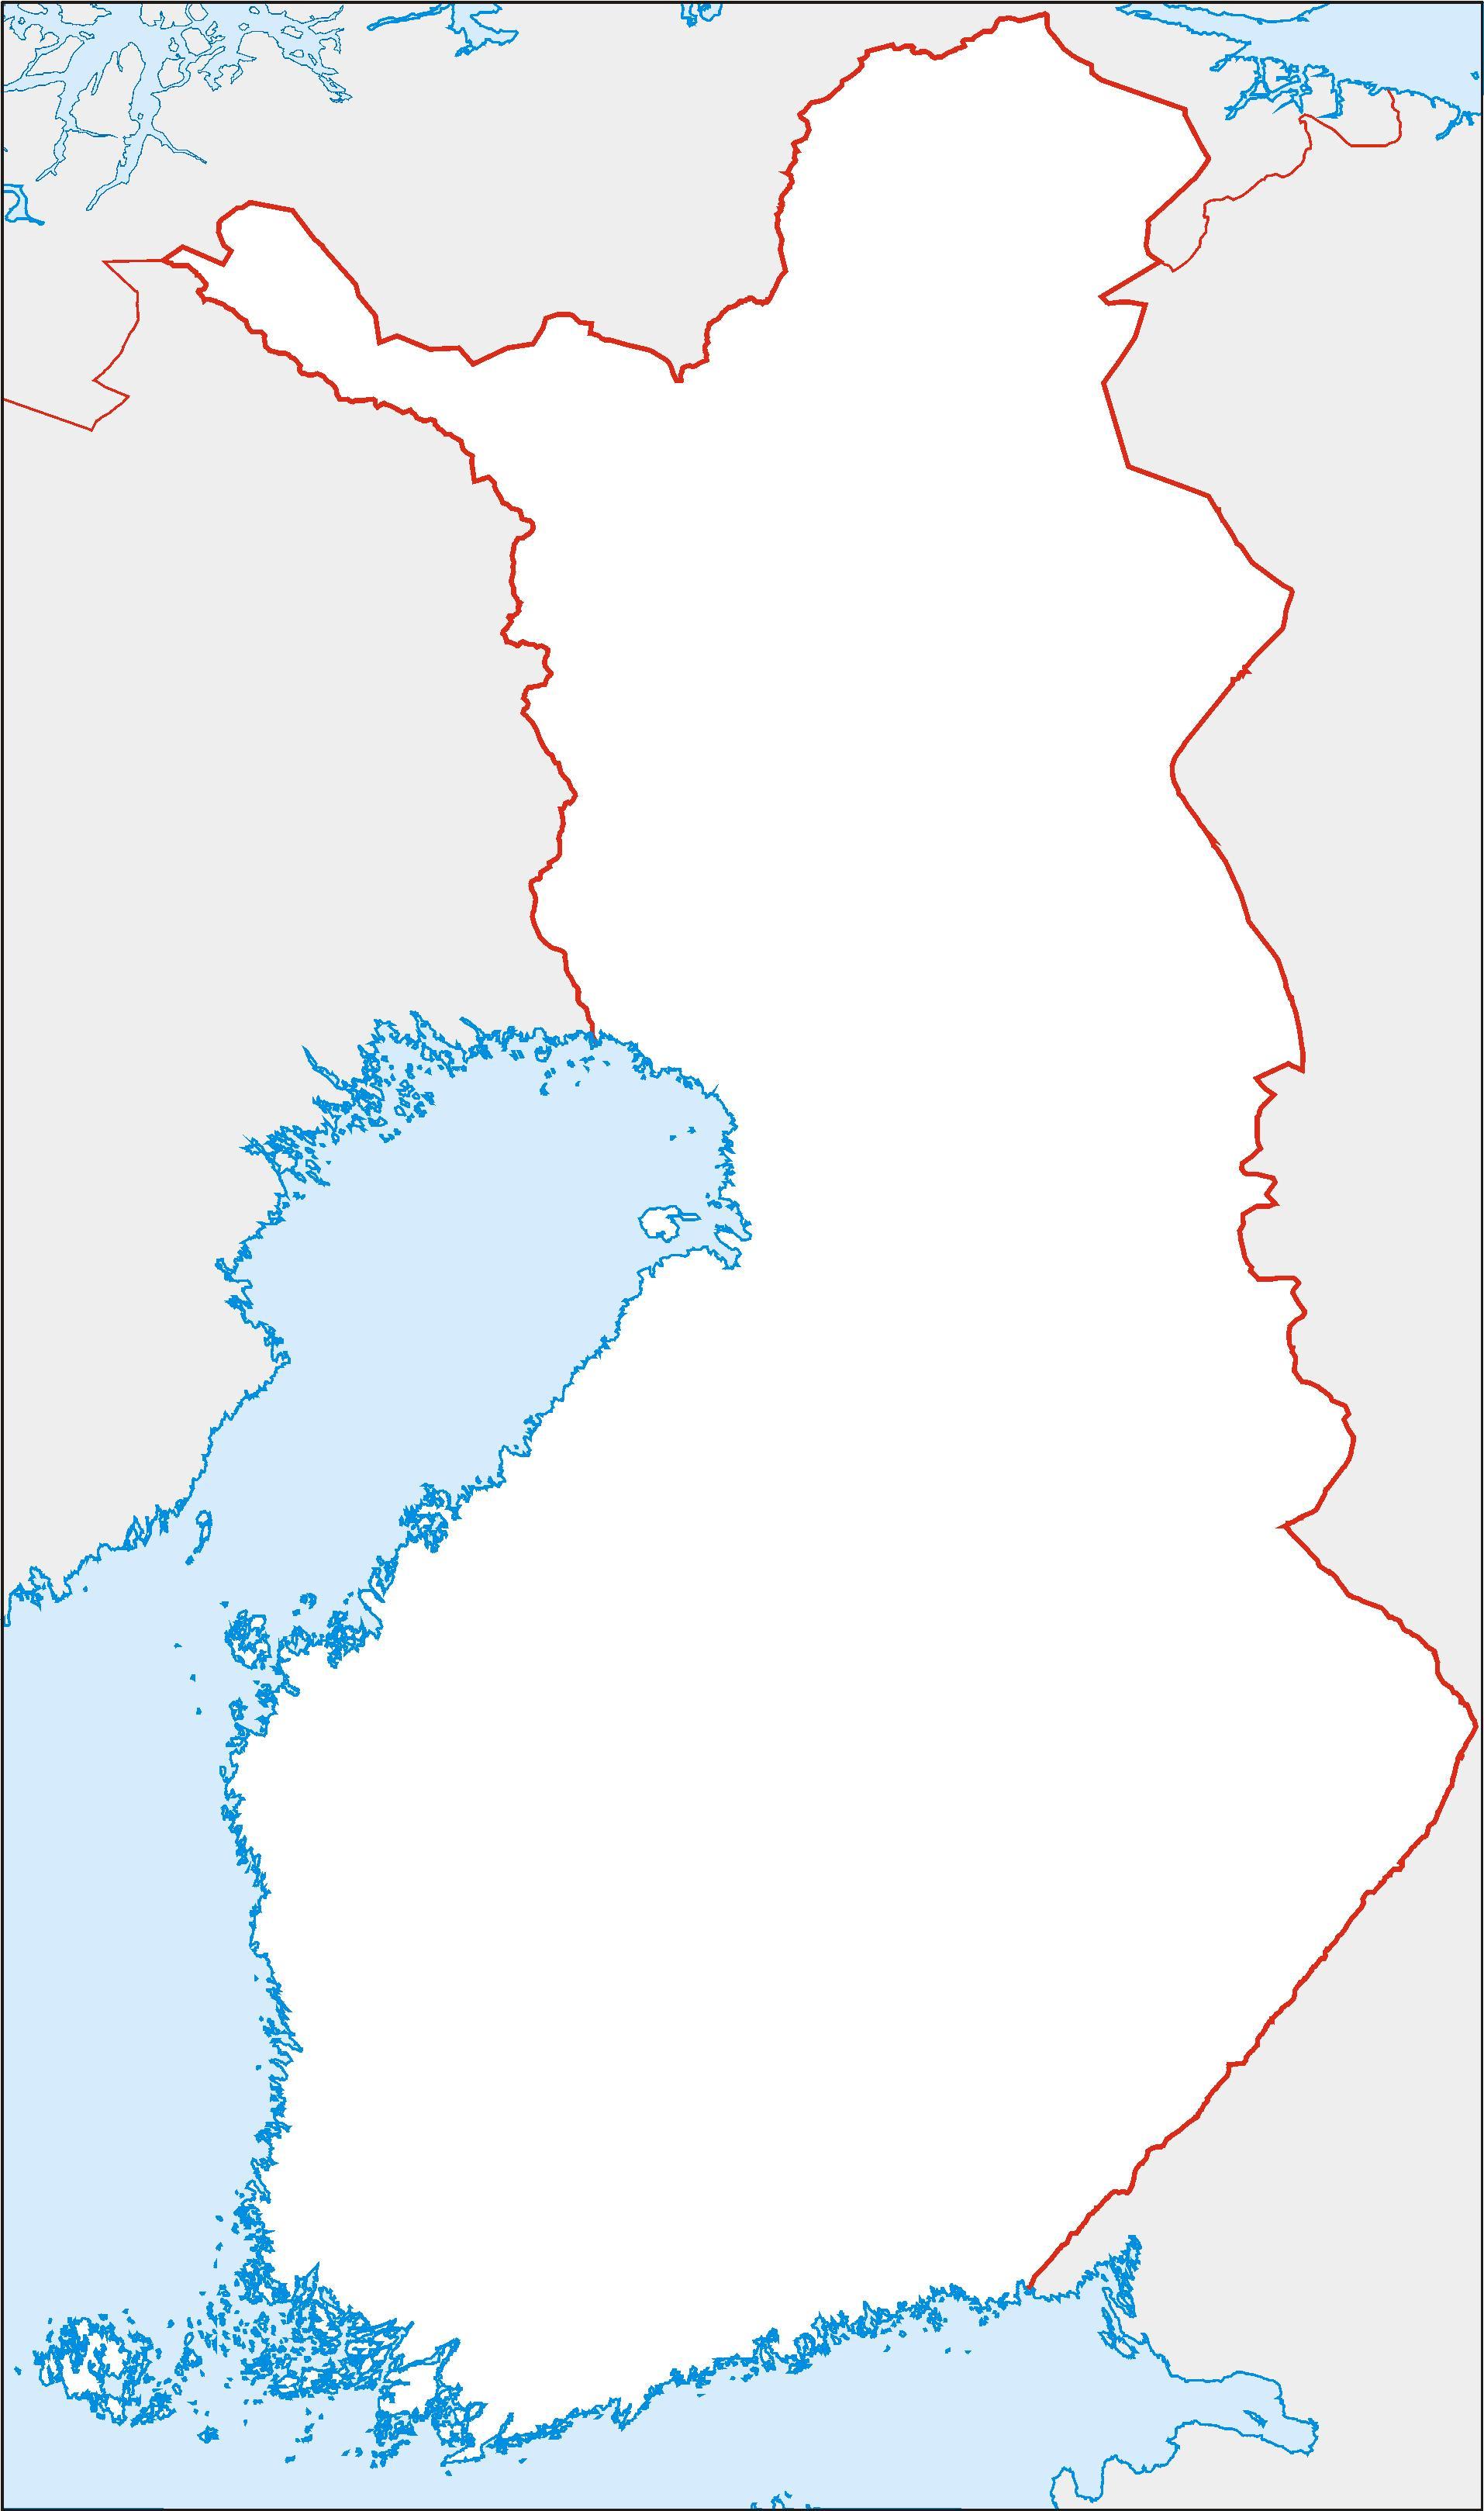 Suomi Tyhja Kartta Tyhja Kartta Suomessa Pohjois Eurooppa